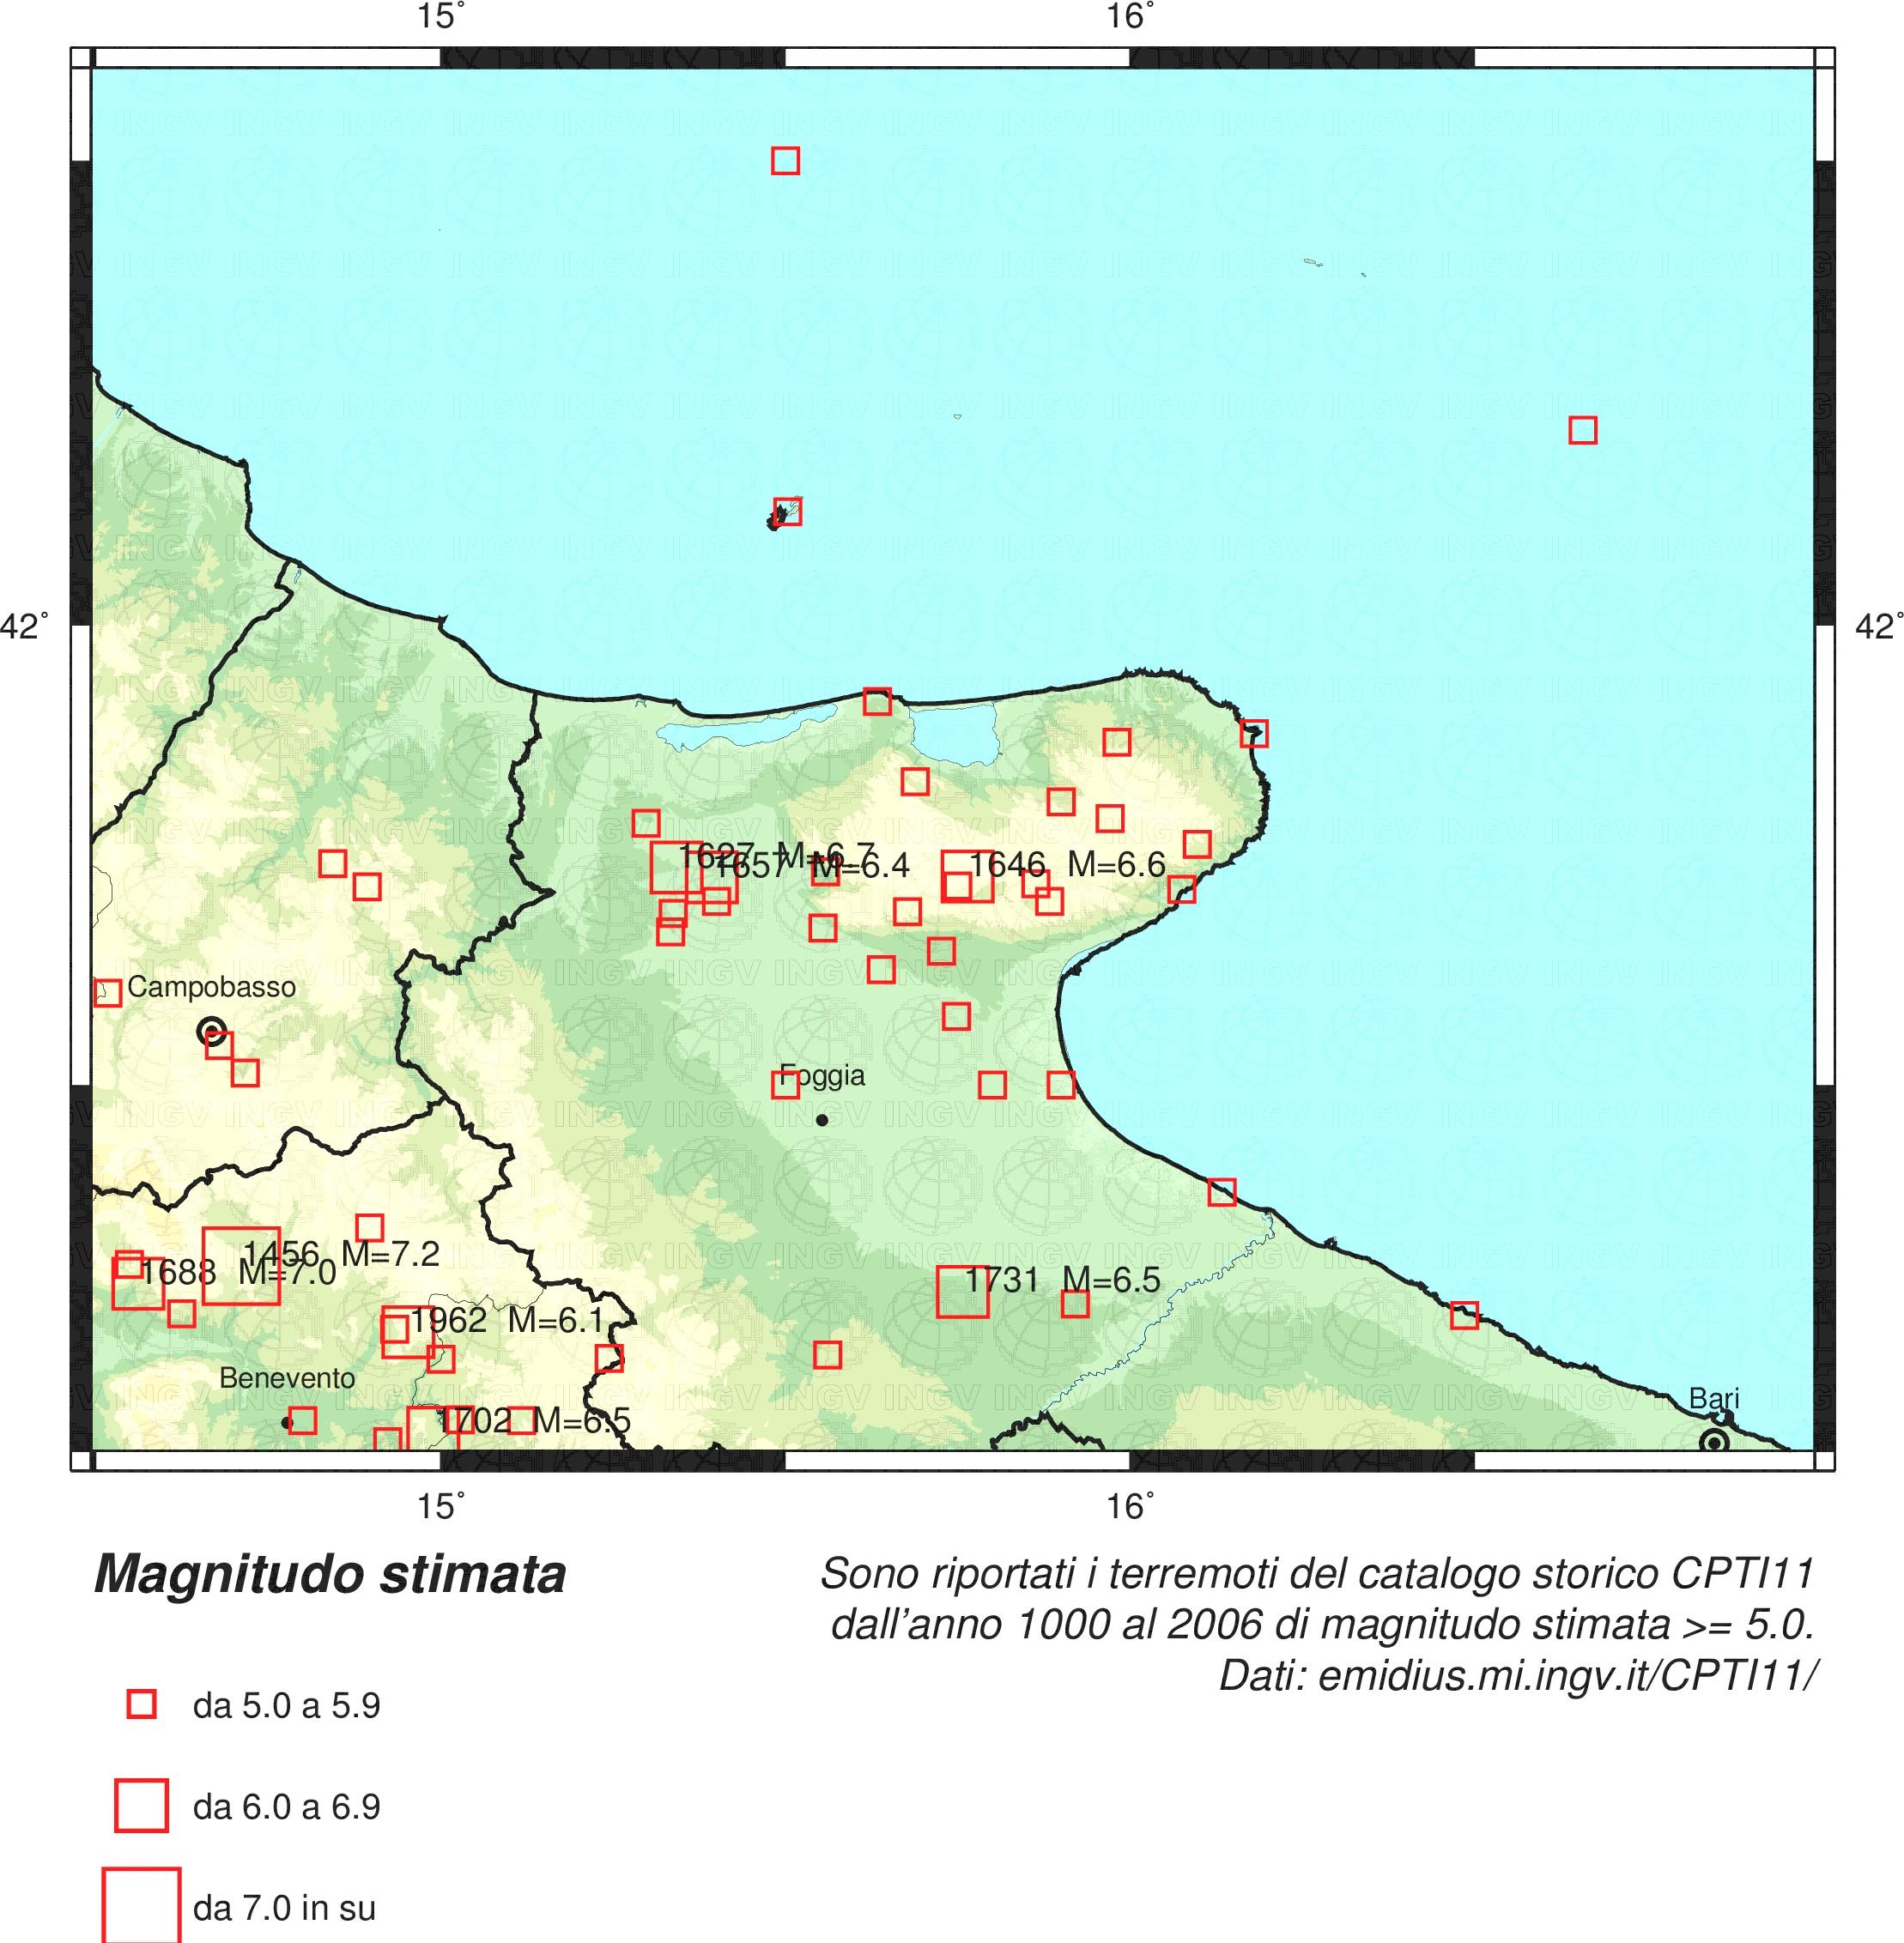 Monitoraggio sismico in Italia e nel mondo: qui!-900696-history.jpg